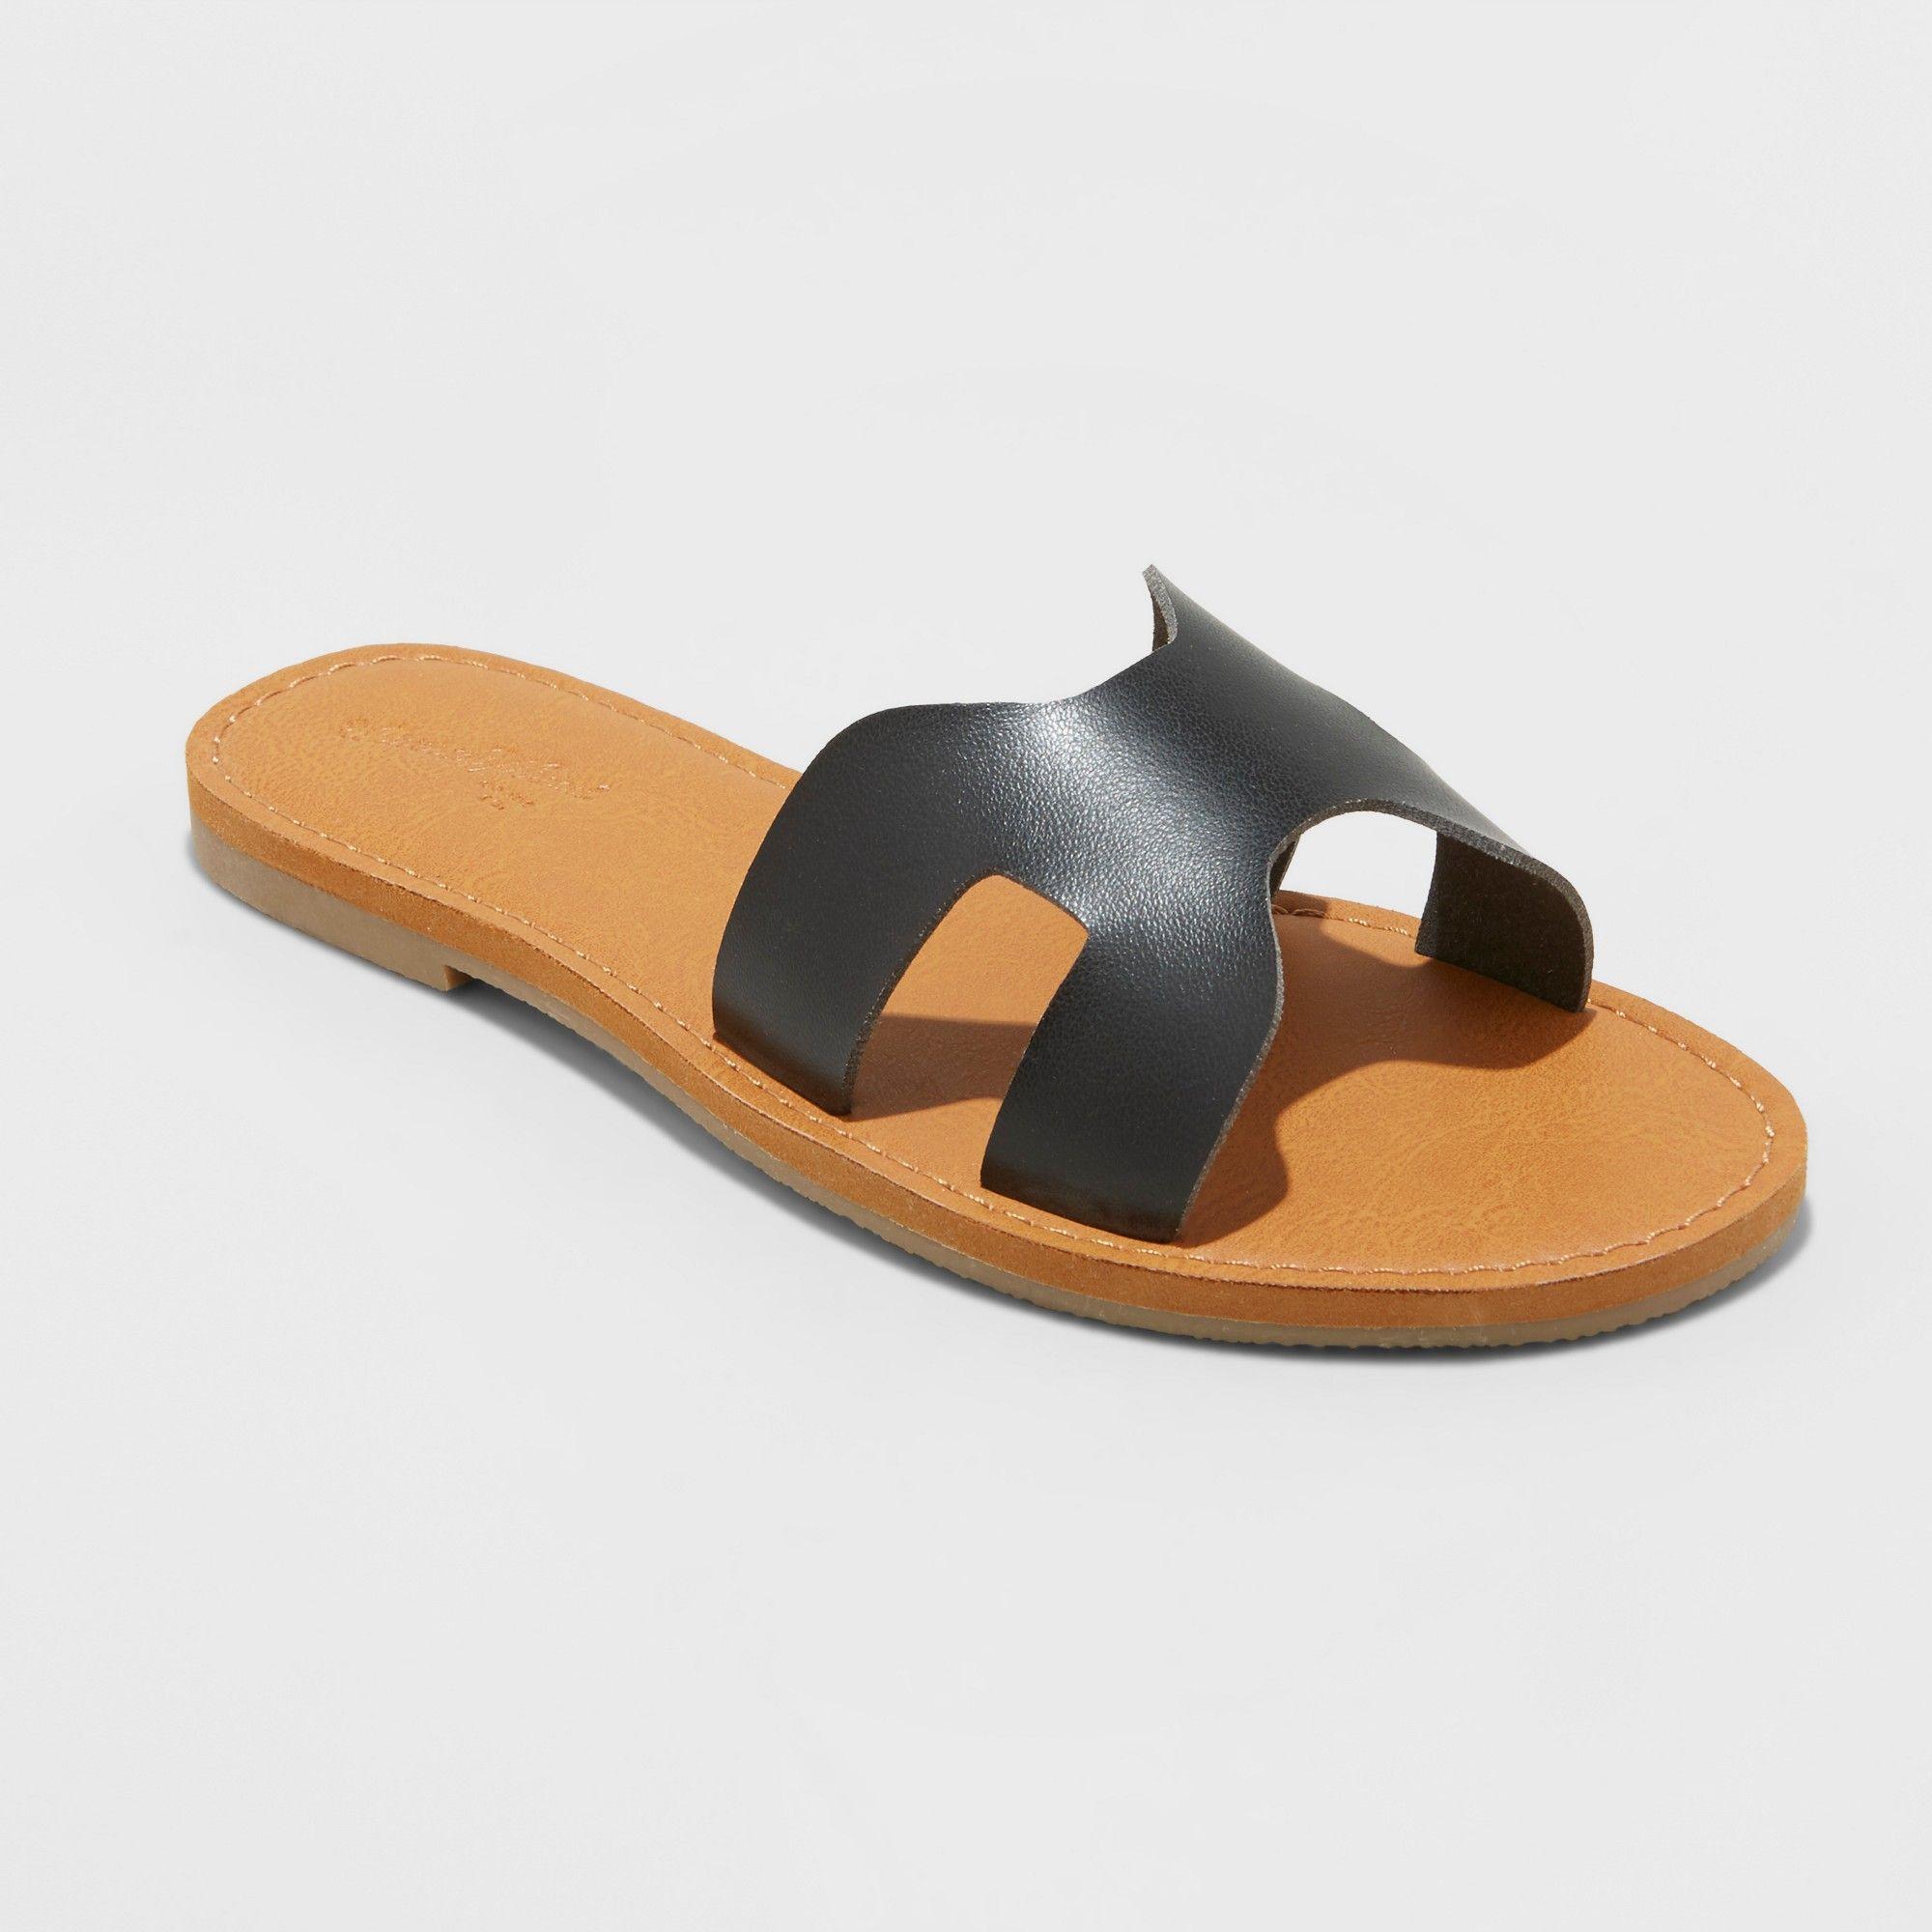 61c2ca59e94 Women s Jenny Wide Width Slide Sandals - Universal Thread Black 8.5W ...